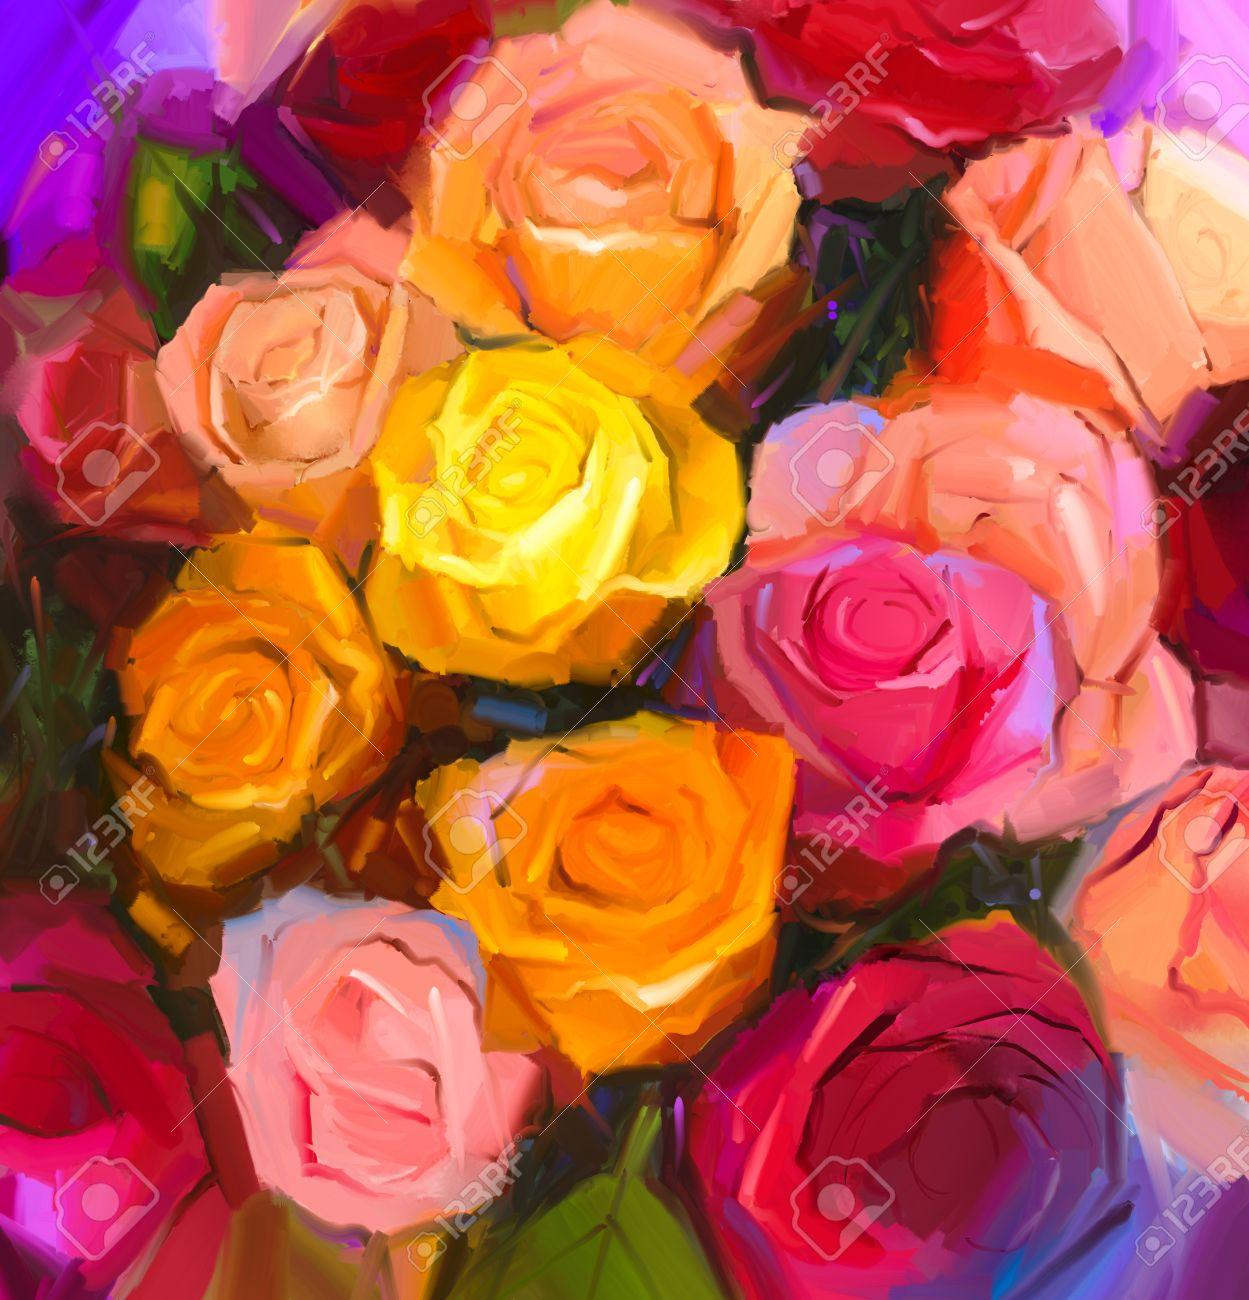 Todavía Vida De Las Flores De Color Amarillo Y Rojo La Pintura Al óleo De Un Ramo De Flores Color De Rosa Pintado A Mano Estilo Impresionista Floral Fotos Retratos Imágenes Y